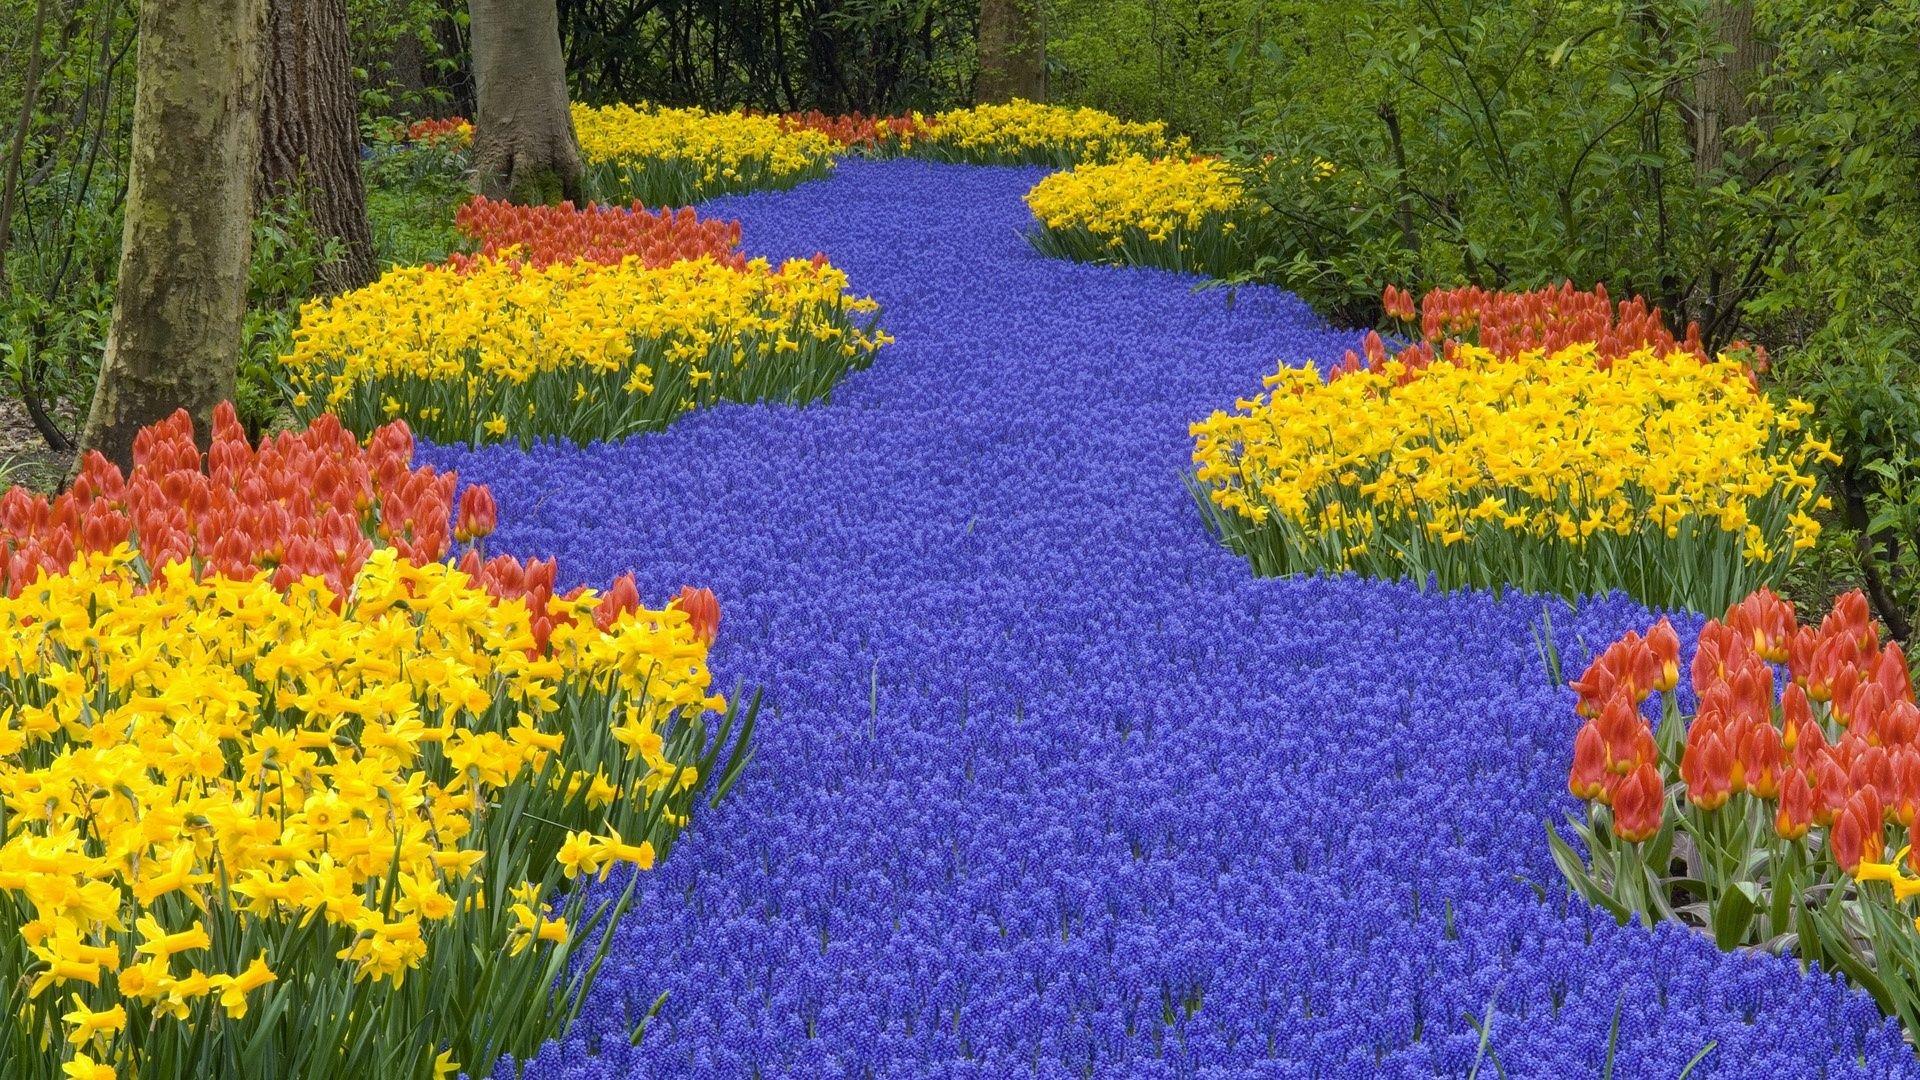 Hd Flower Garden Wallpaper 1920x1080